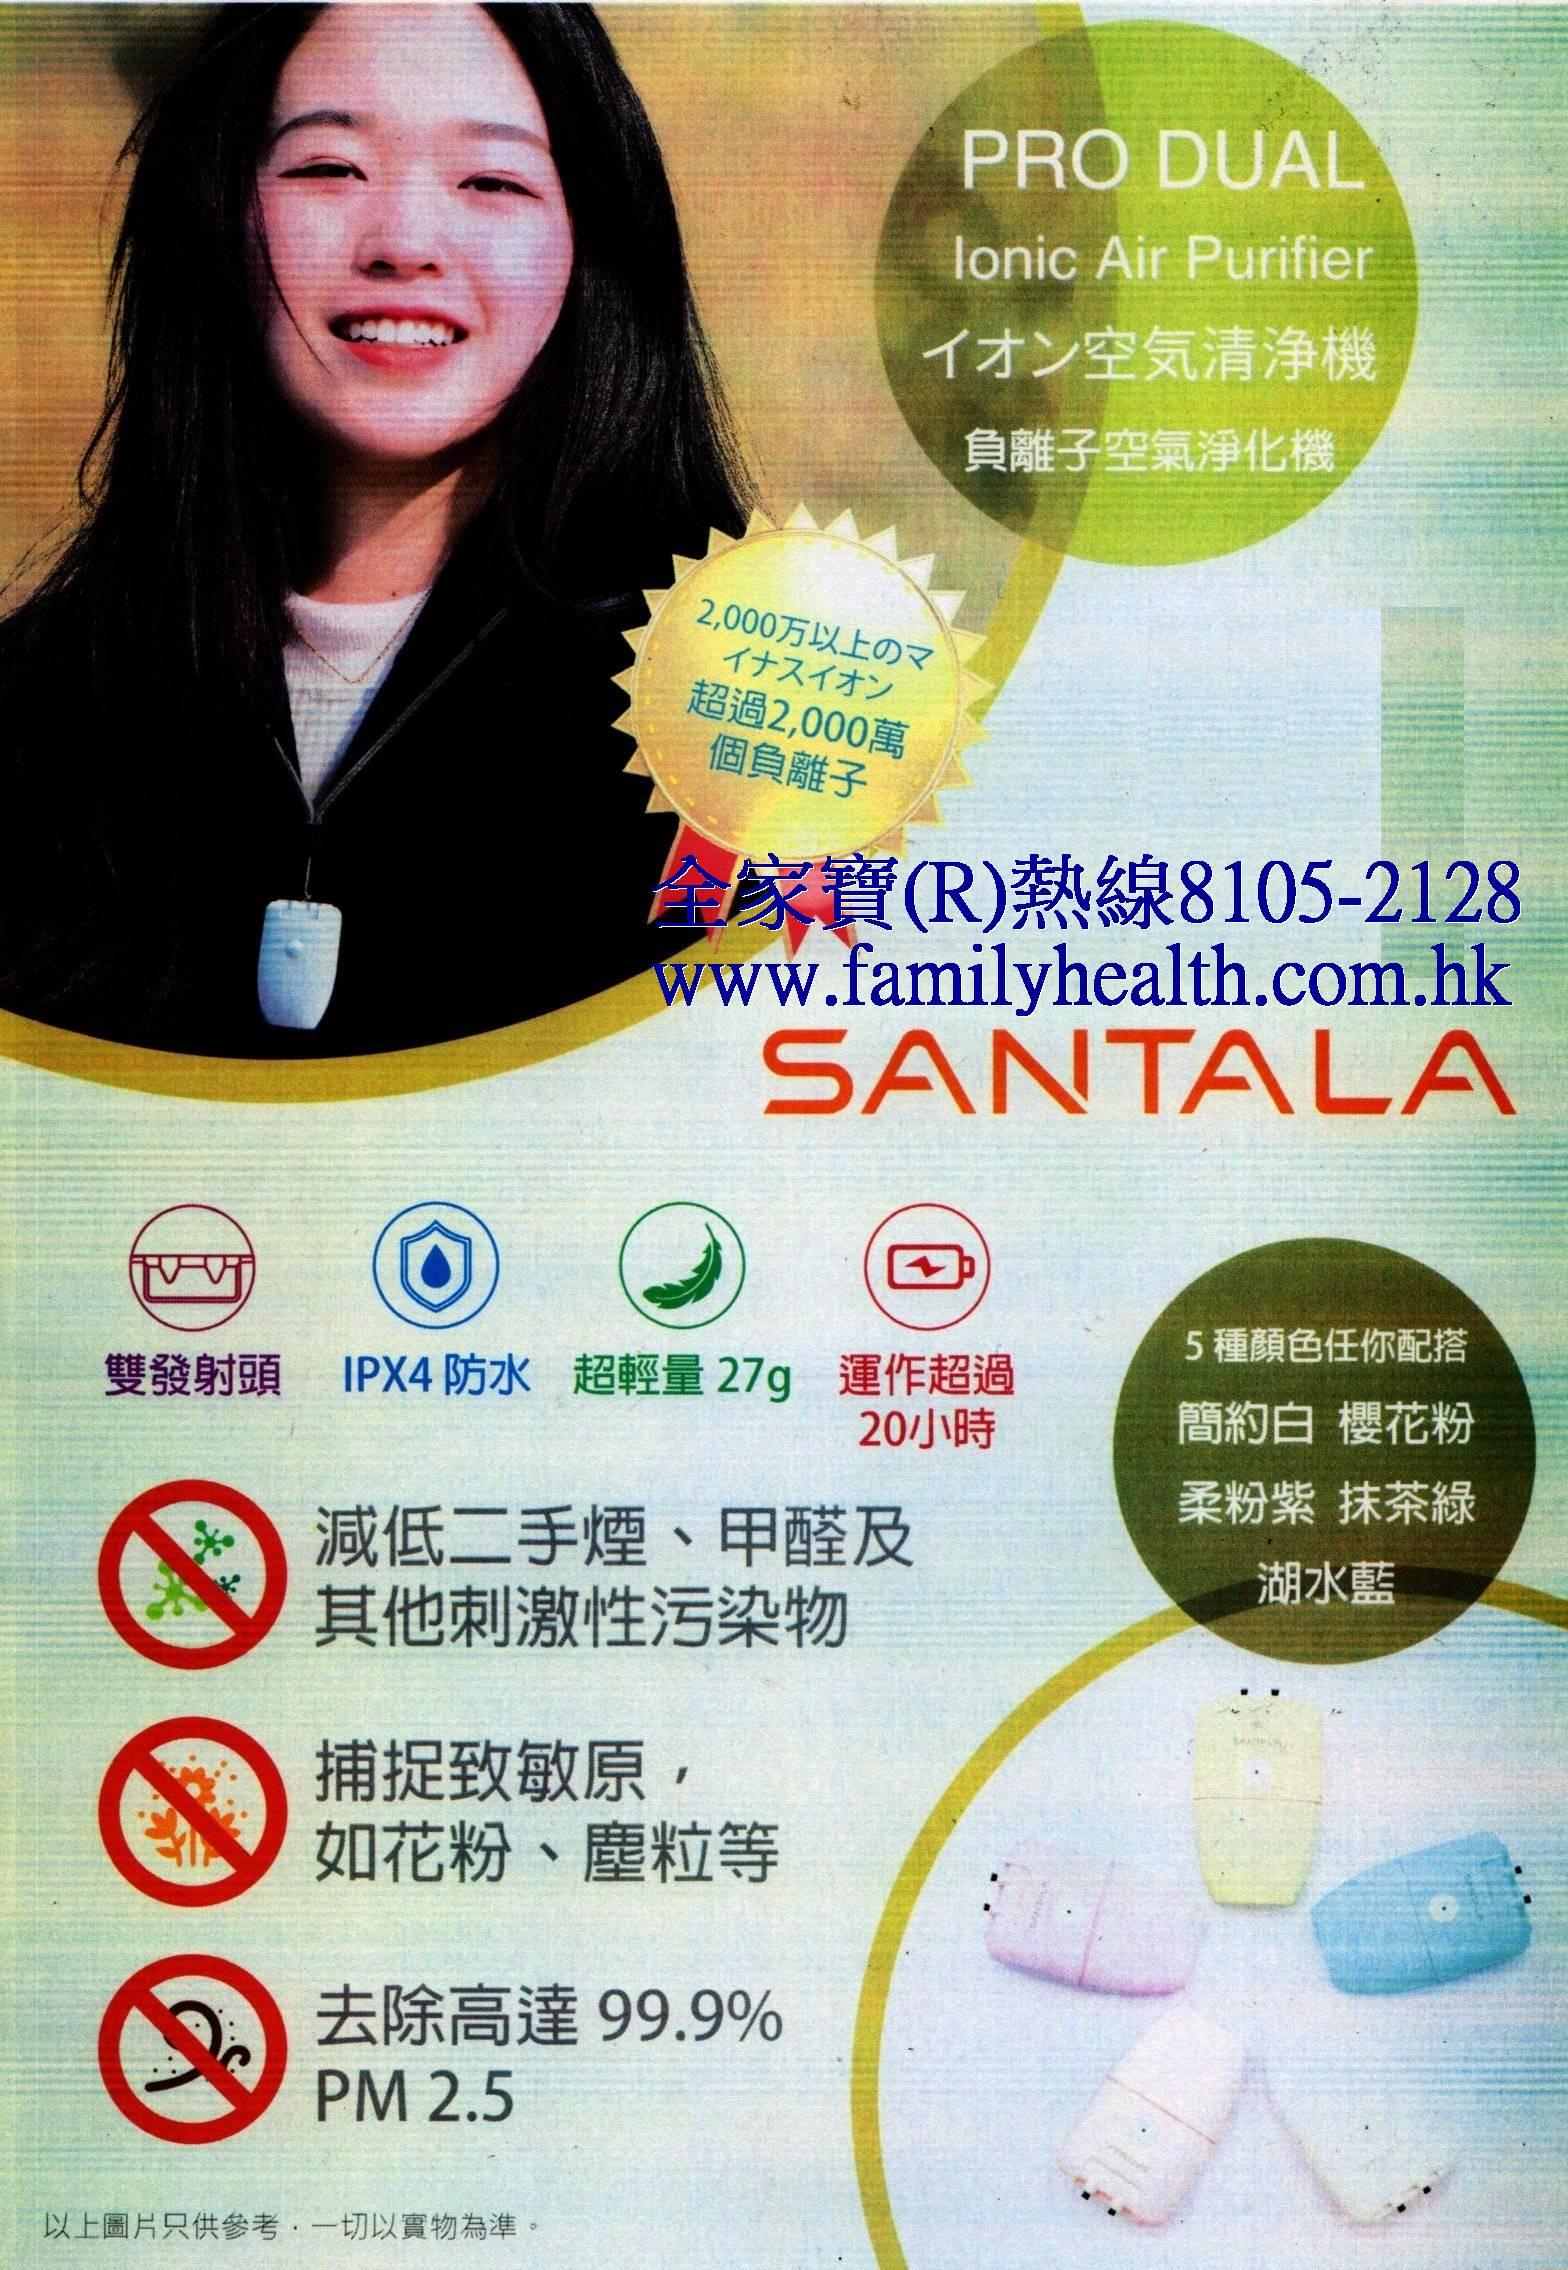 http://www.familyhealth.com.hk/files/full/1149_0.jpg